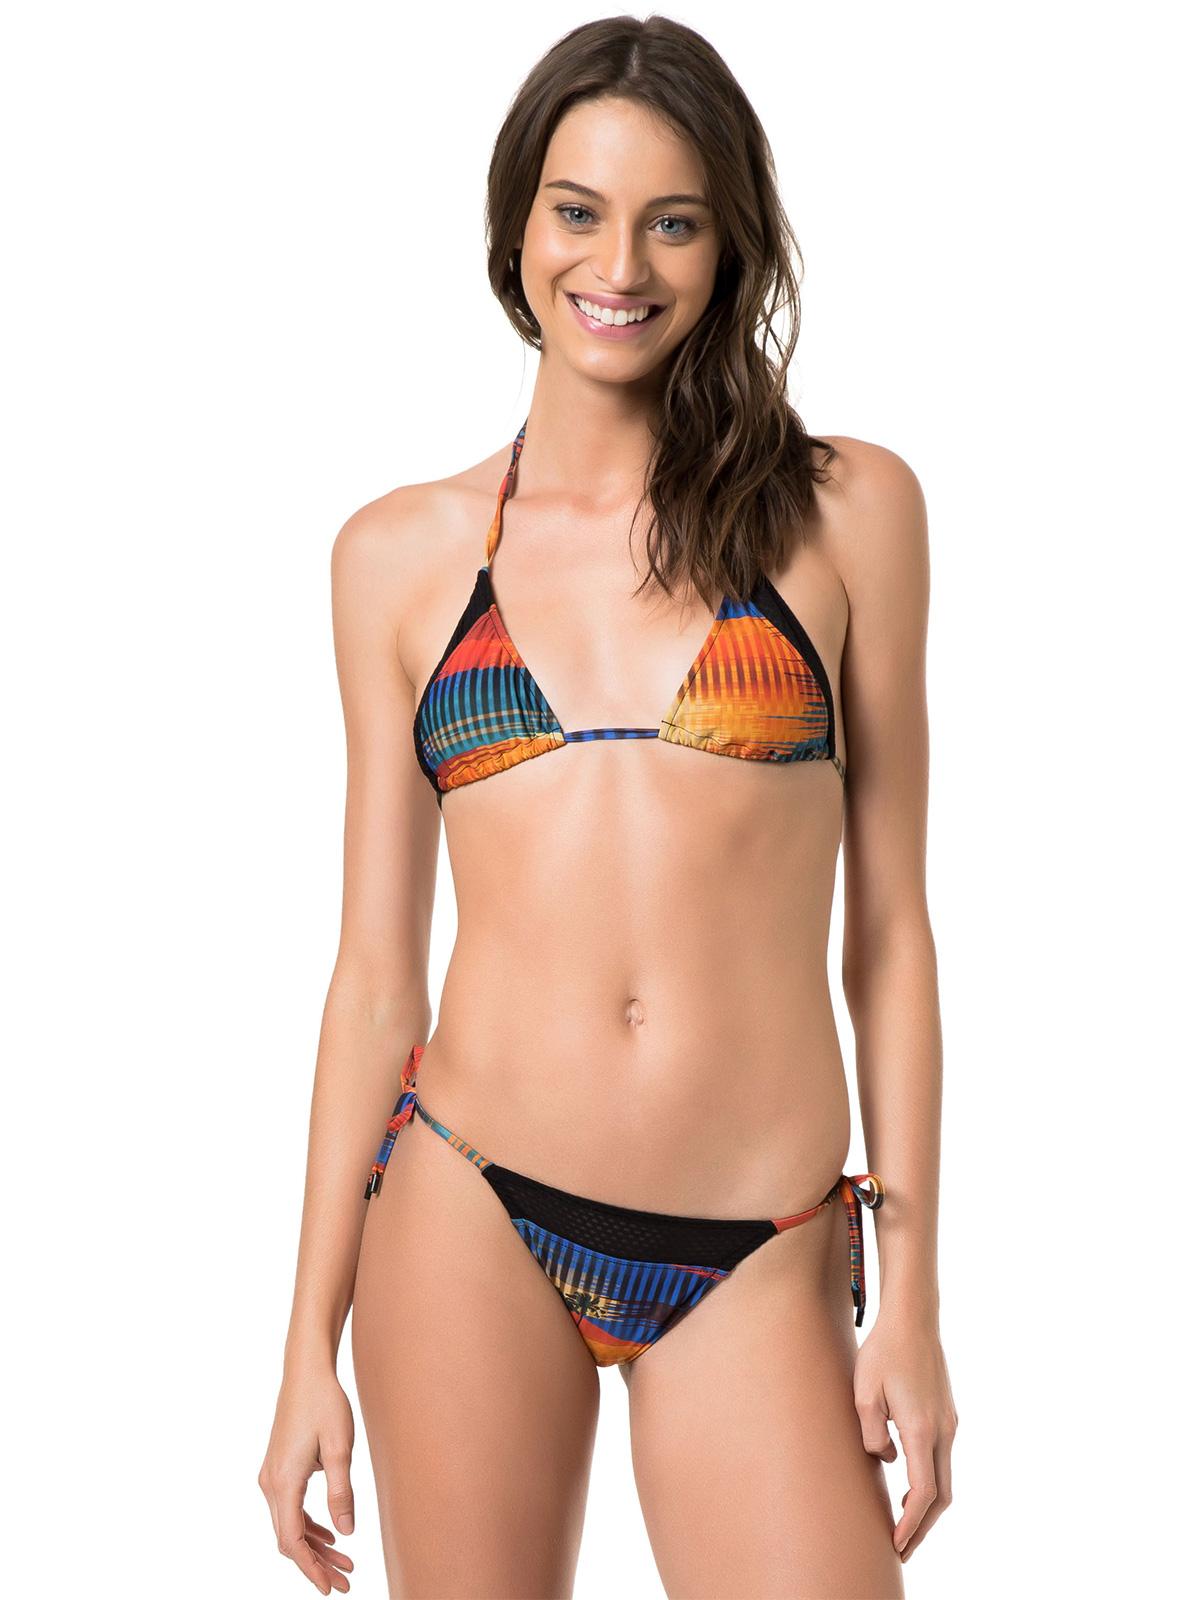 el más nuevo 75f40 d838f Bikini Brasileño Deportivo, En Colaboración Con Adidas - Orange Rio